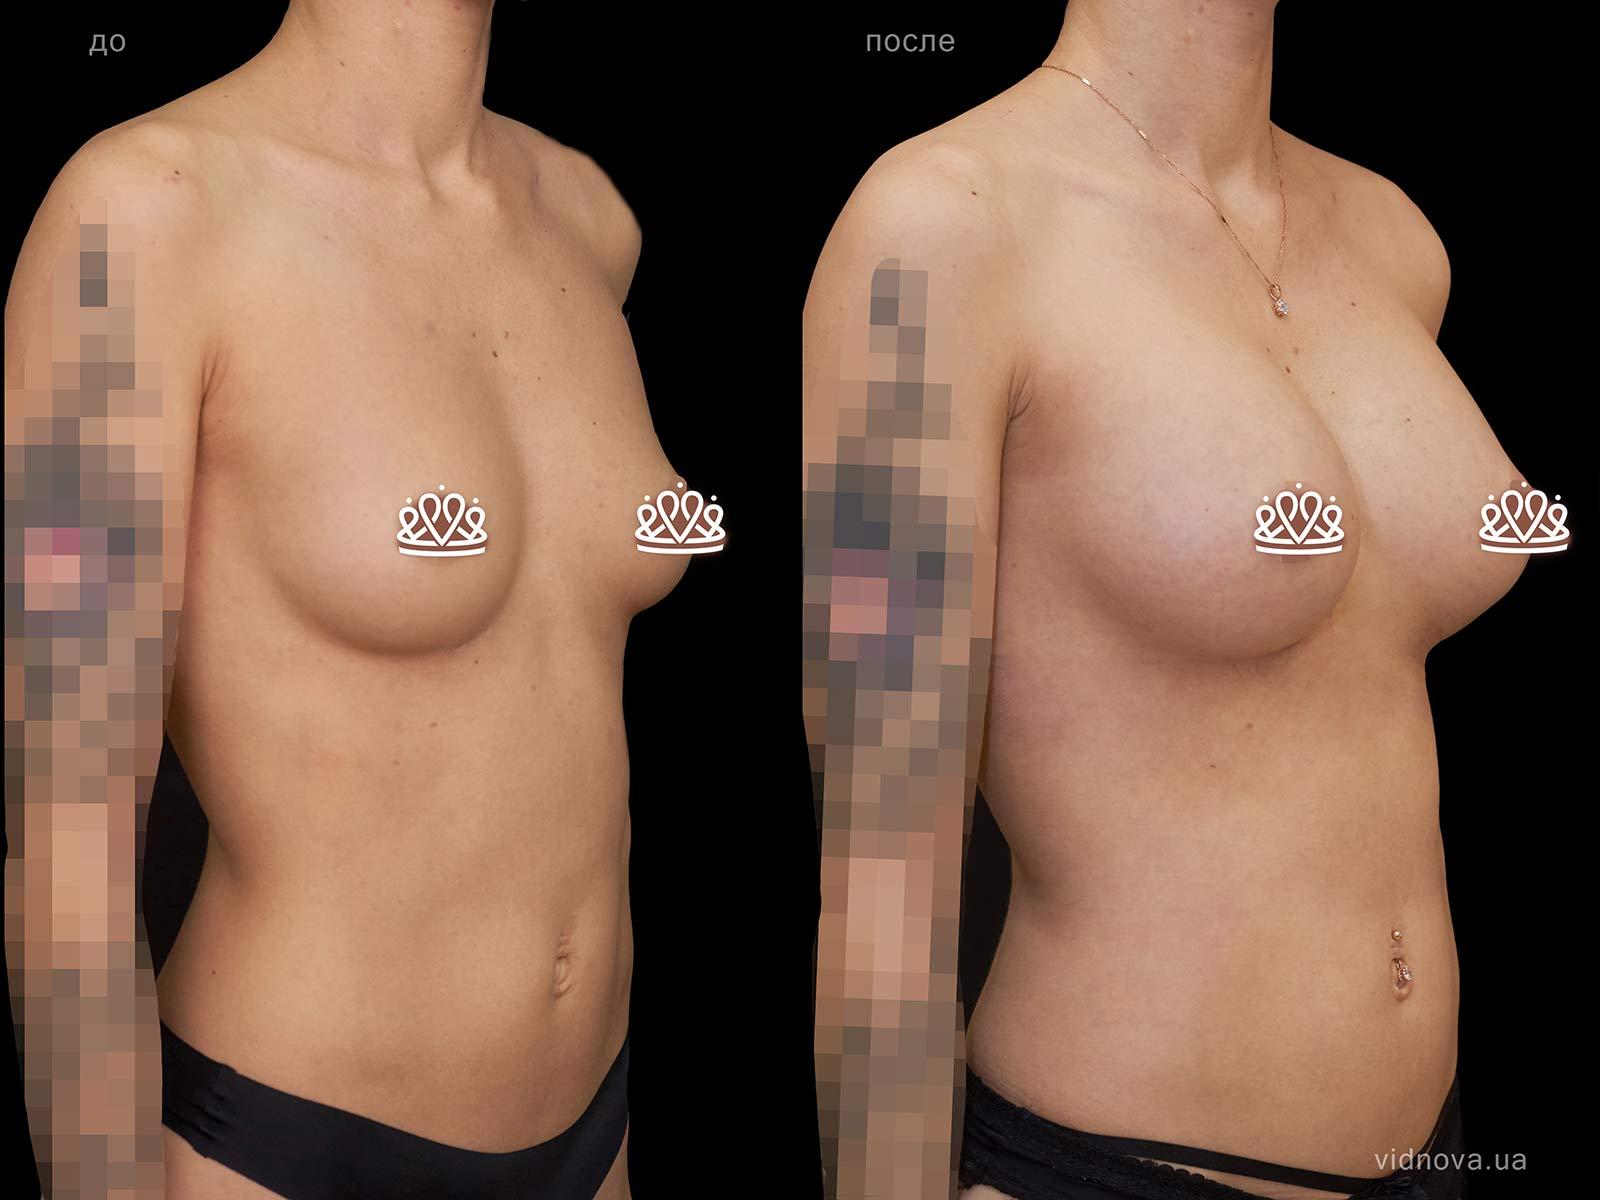 Пластика груди: результаты до и после - Пример №112-1 - Светлана Работенко